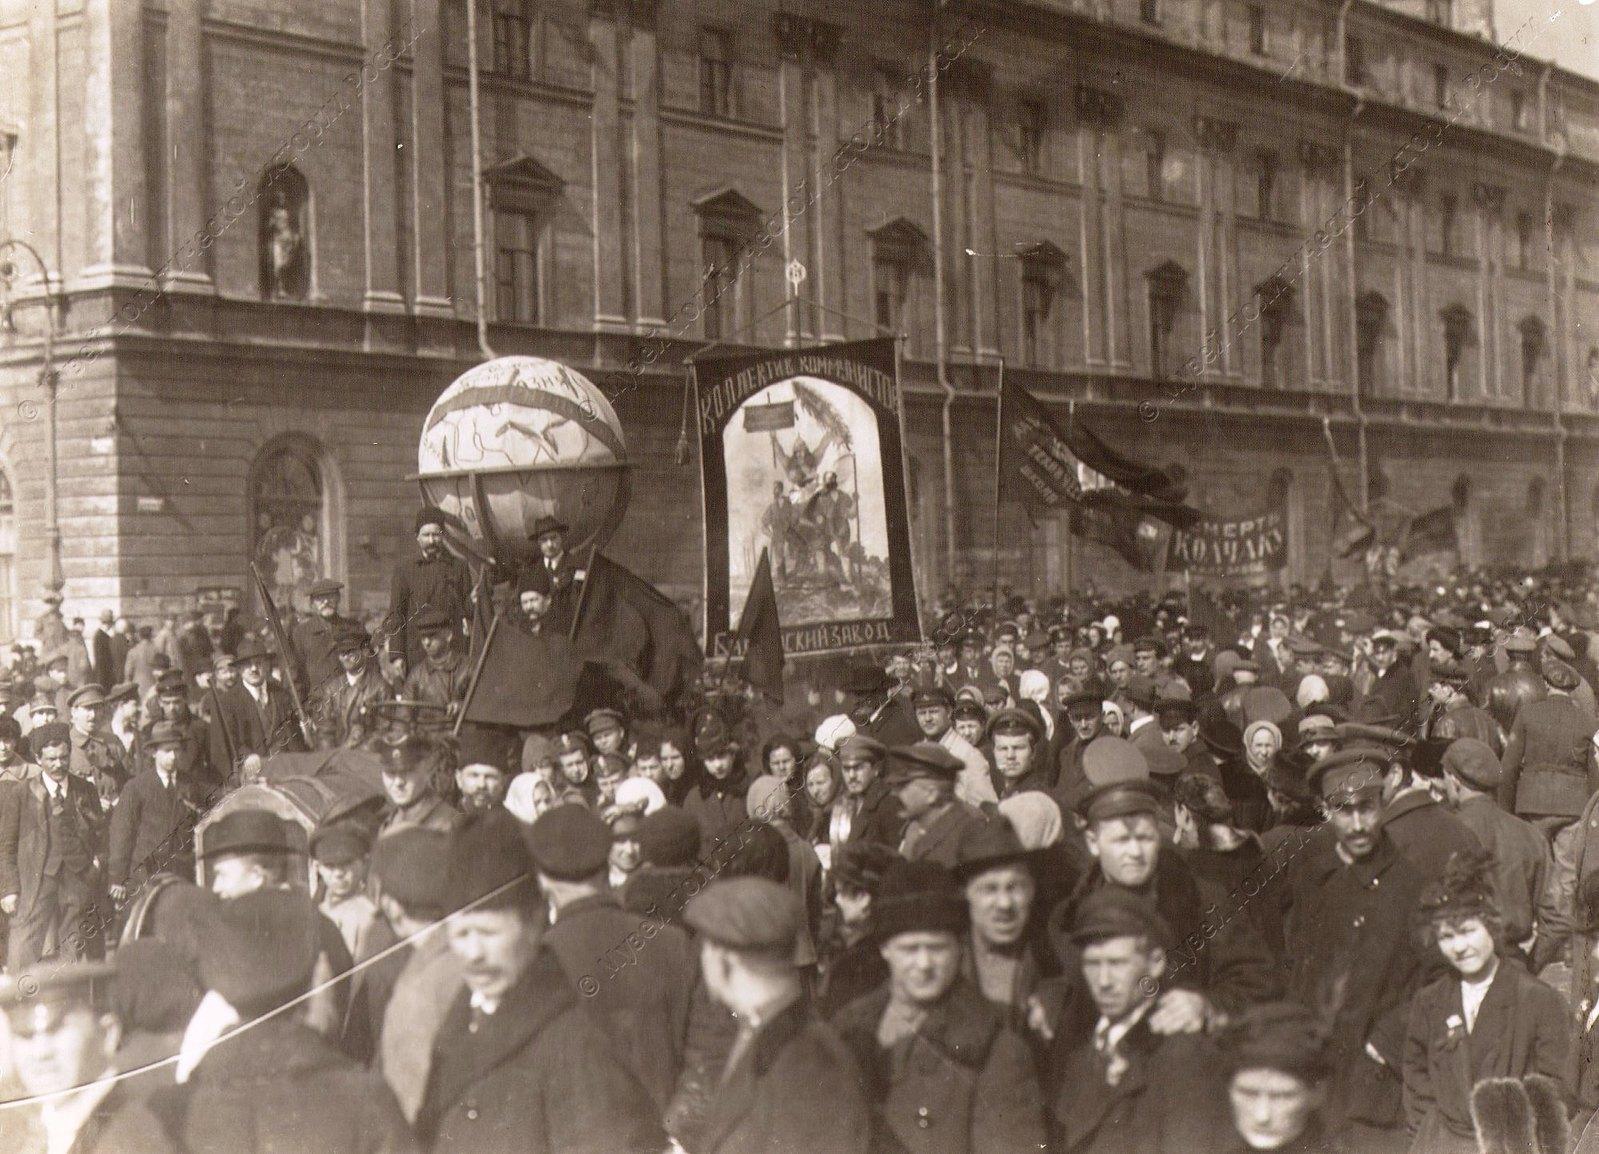 1919. Колонна демонстрантов со знаменами, транспарантами на городской улице во время празднования 1-го Мая